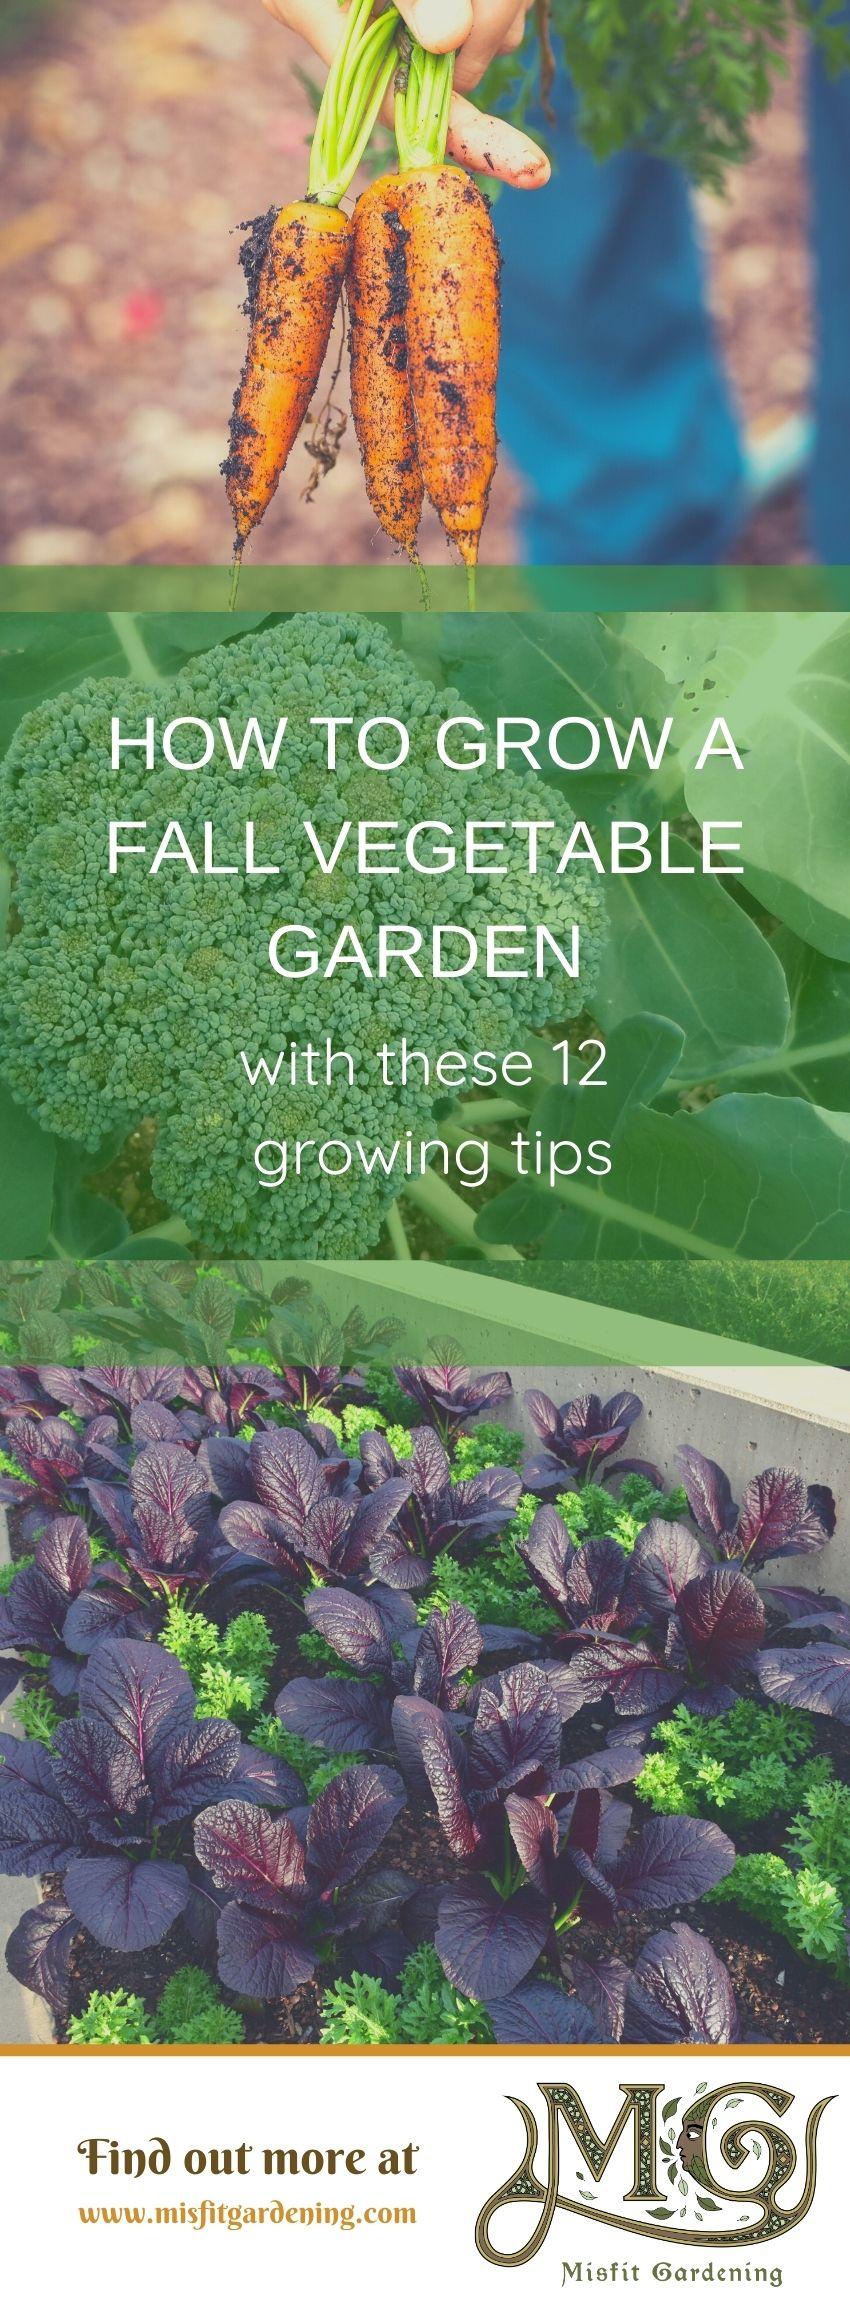 Klicken Sie hier, um zu sehen, wie Sie einen Herbstgemüsegarten anbauen oder anheften und für später speichern. #Homesteading #Garten